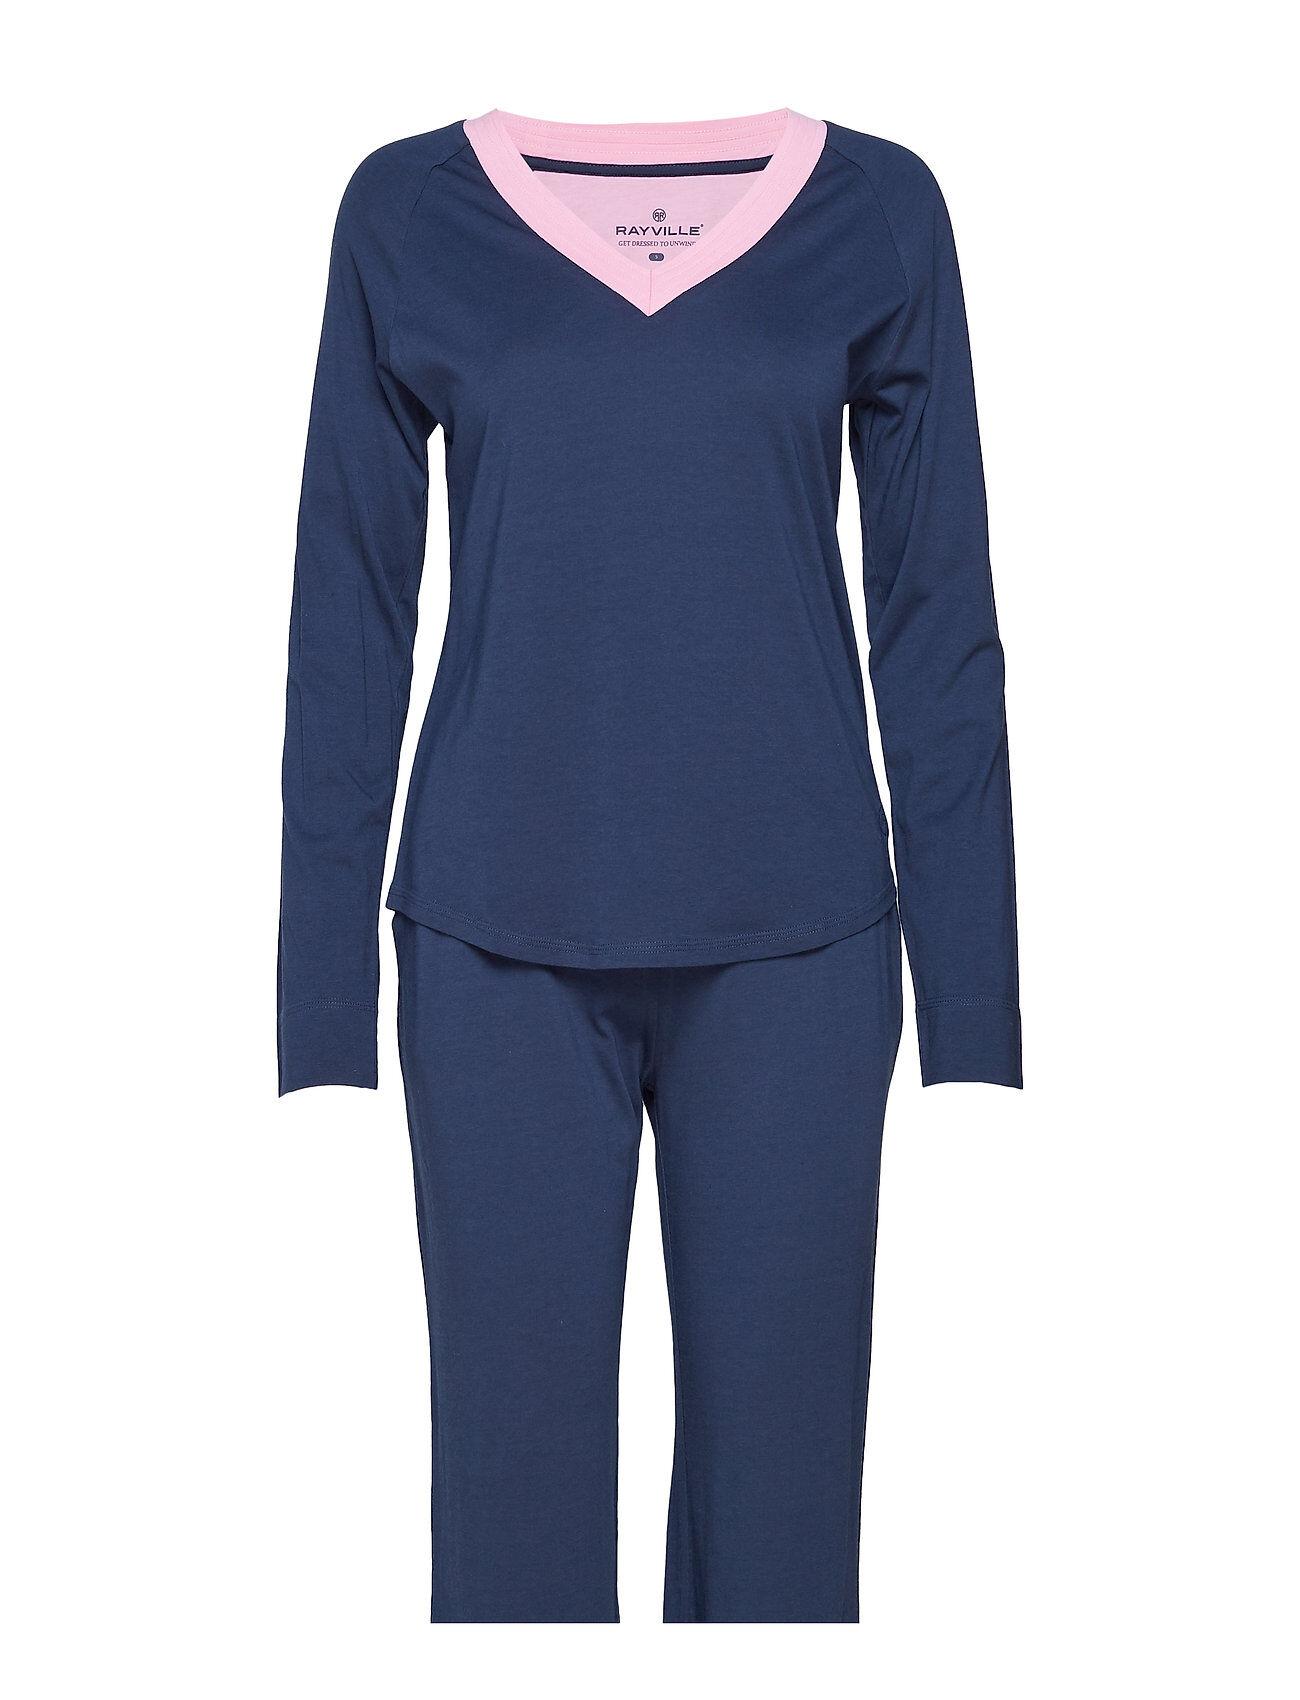 Rayville Tina Pyjamas Solid